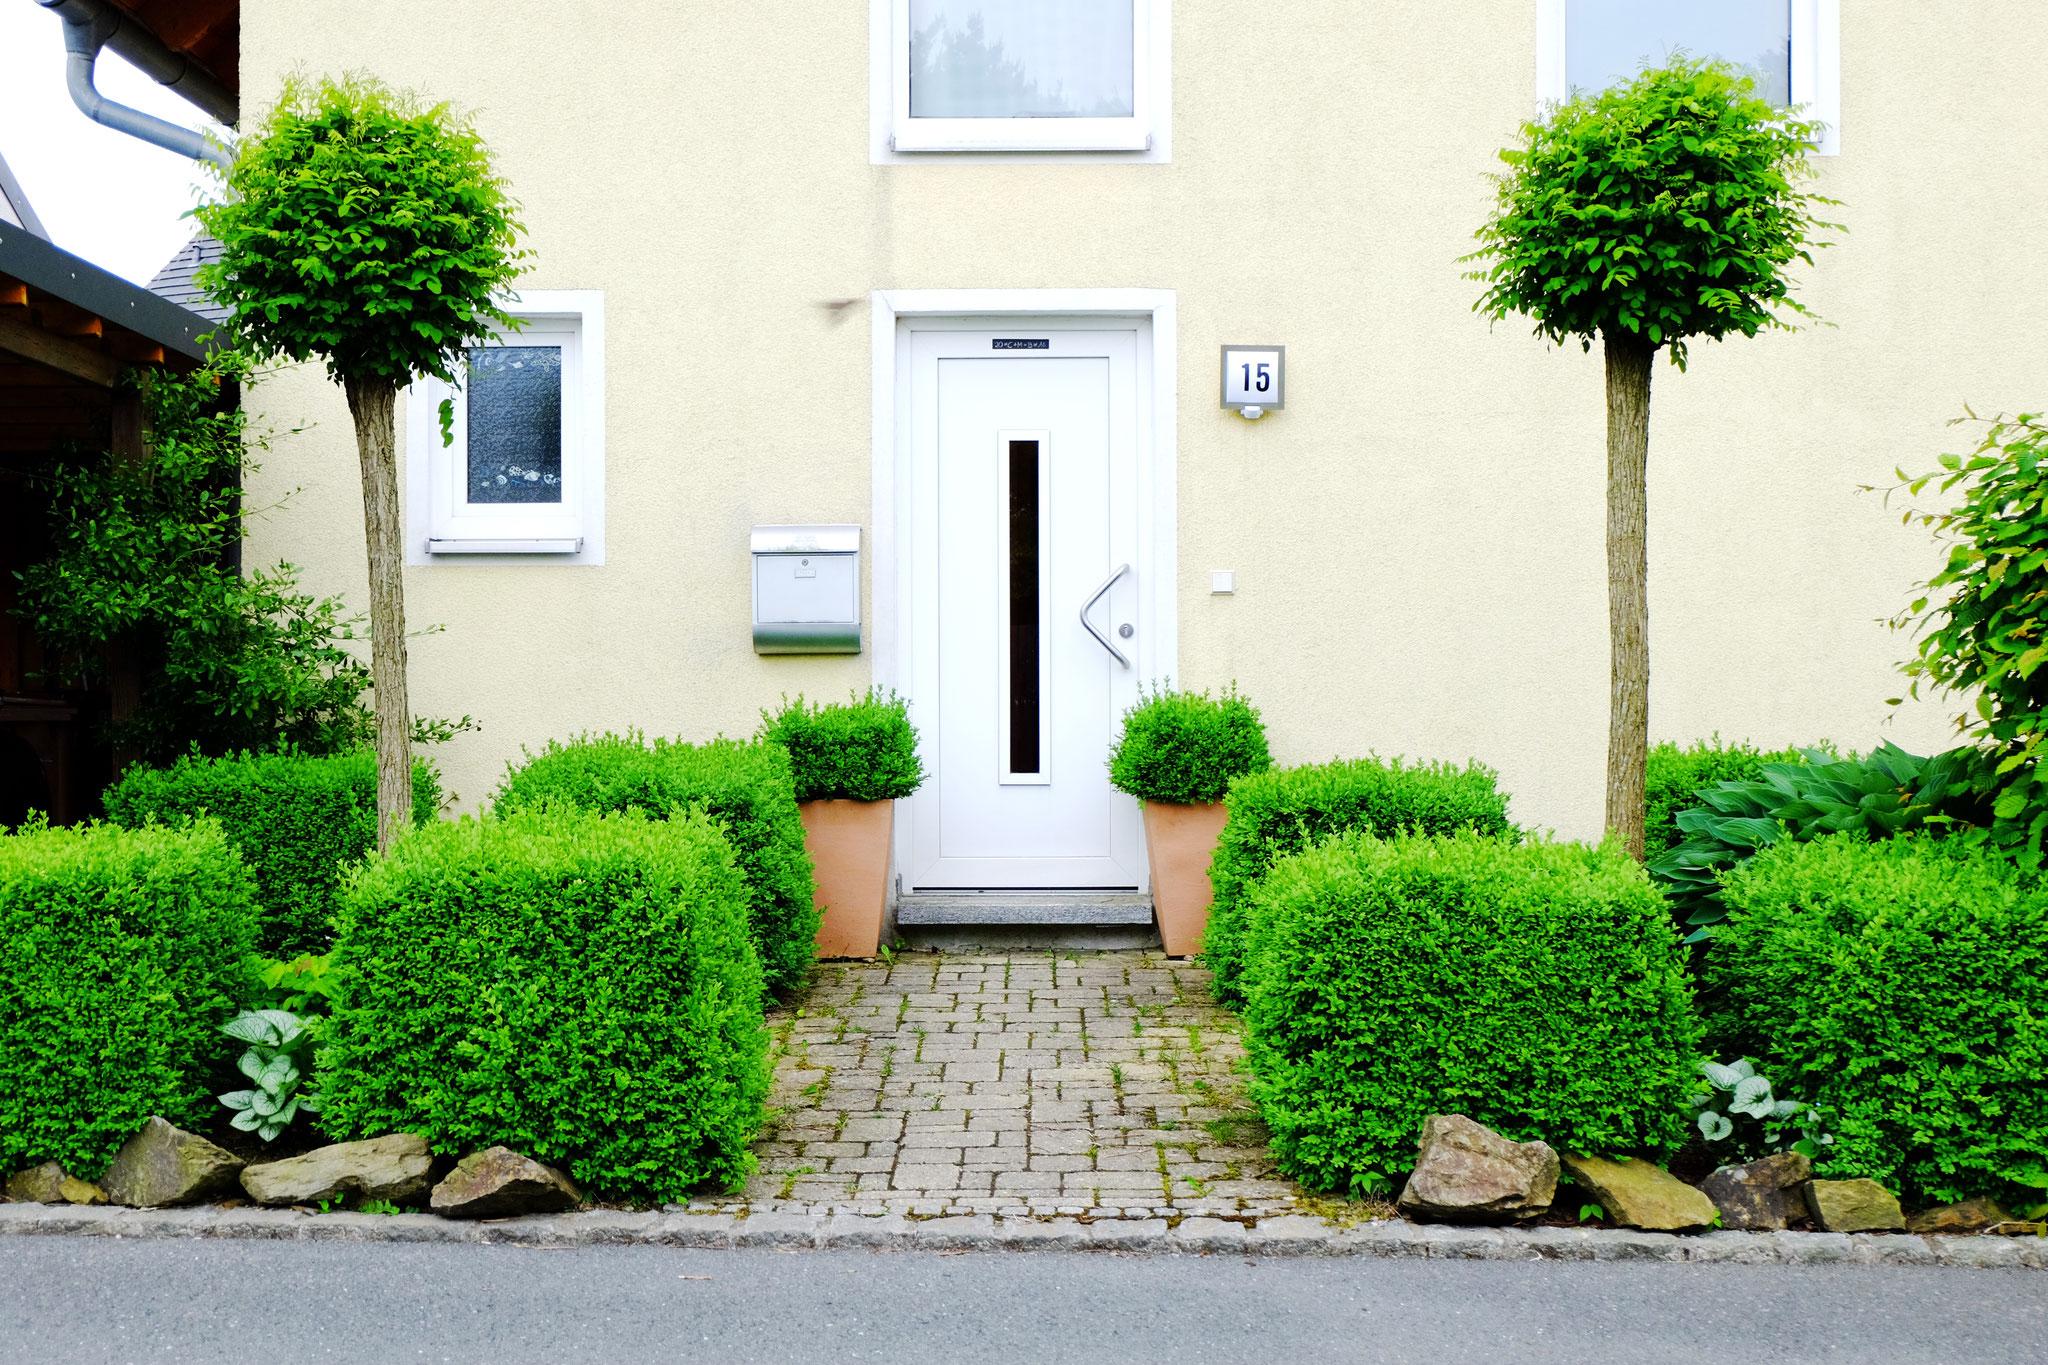 Eingangssituation Hausgarten Hof/Saale